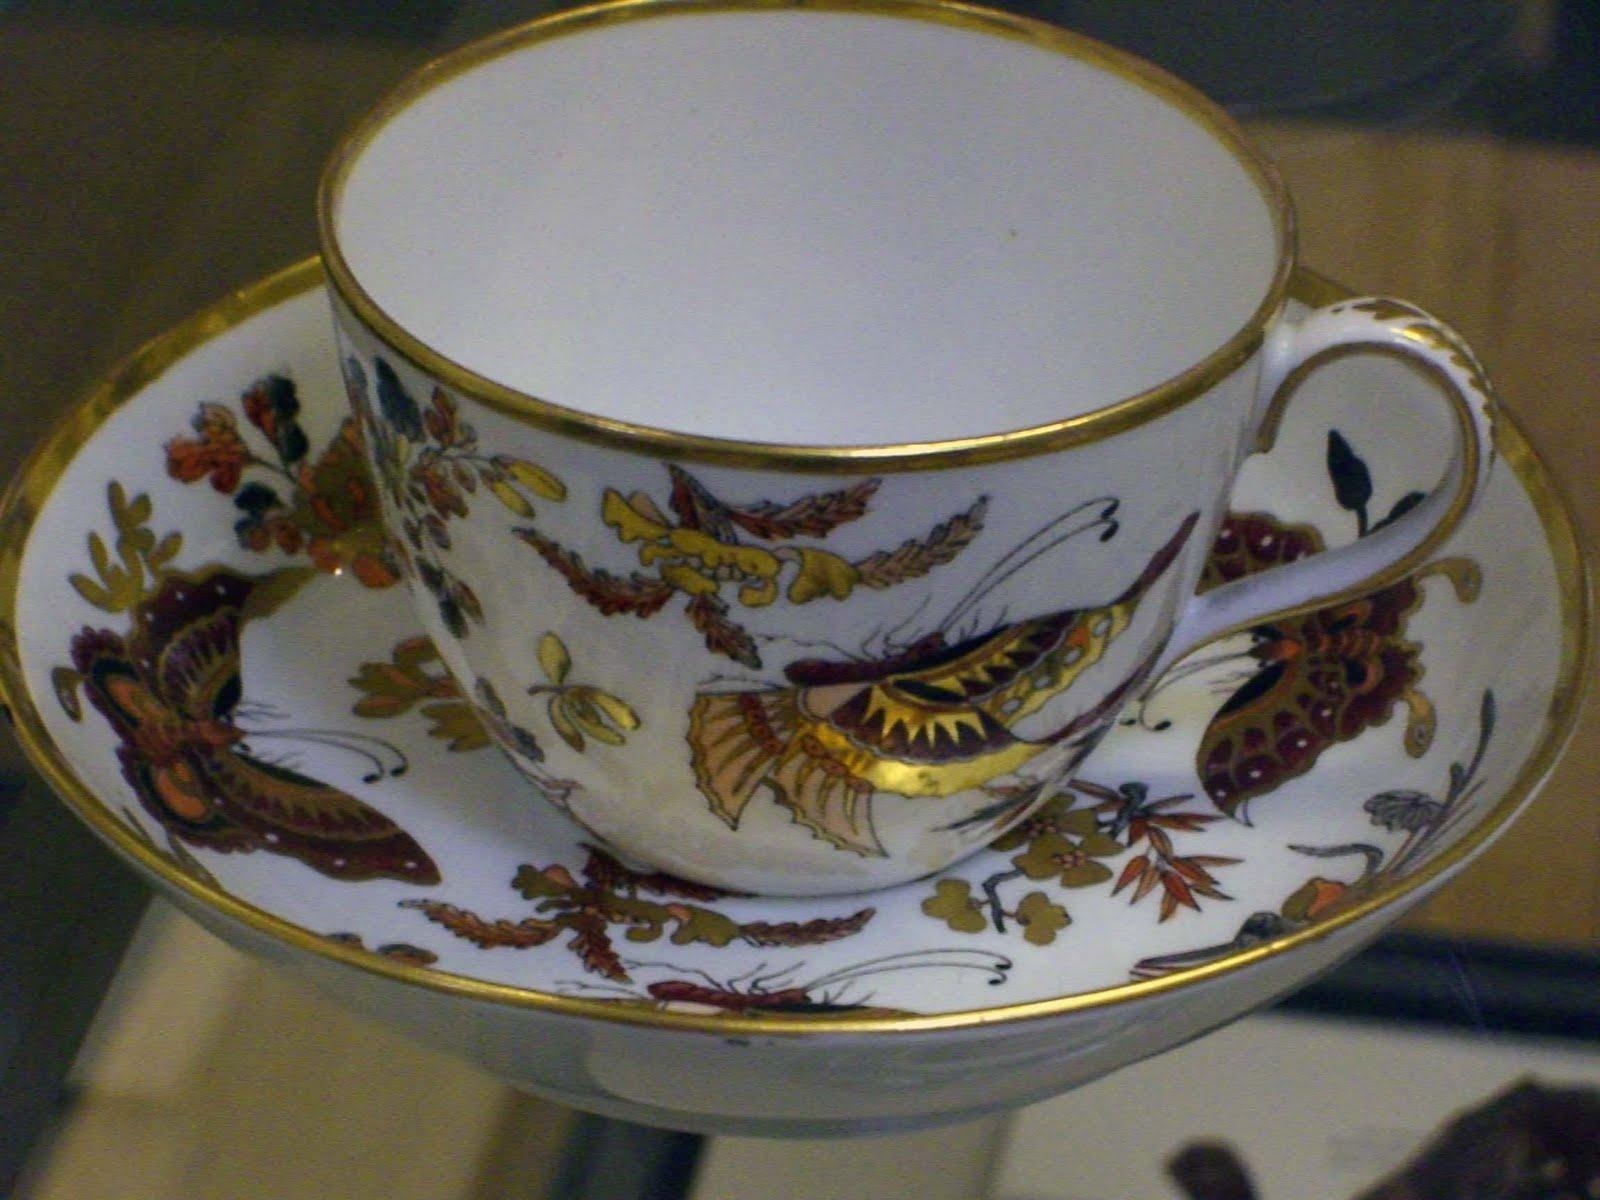 Serenechoo Com Antique Porcelain Ware At The British Museum